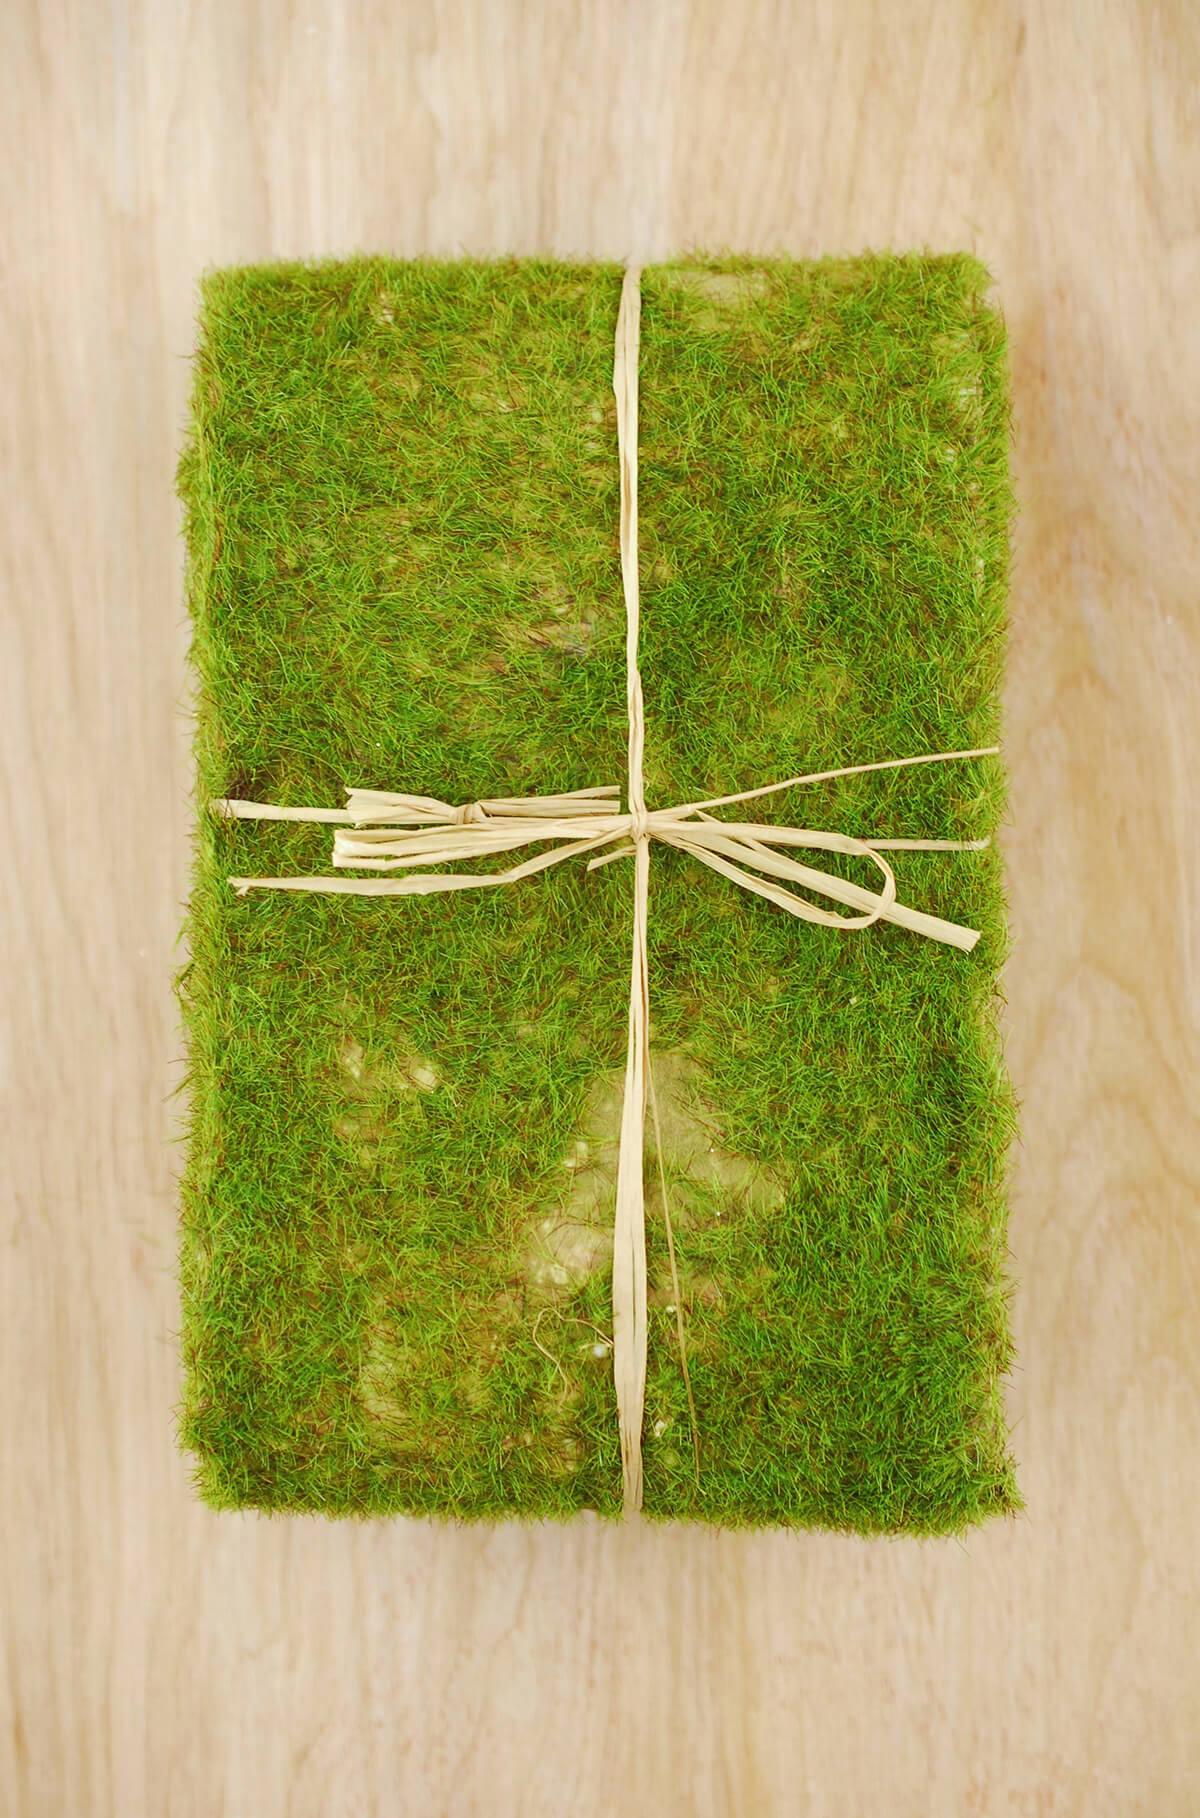 Artificial Moss 4 Quot X 6 Ft